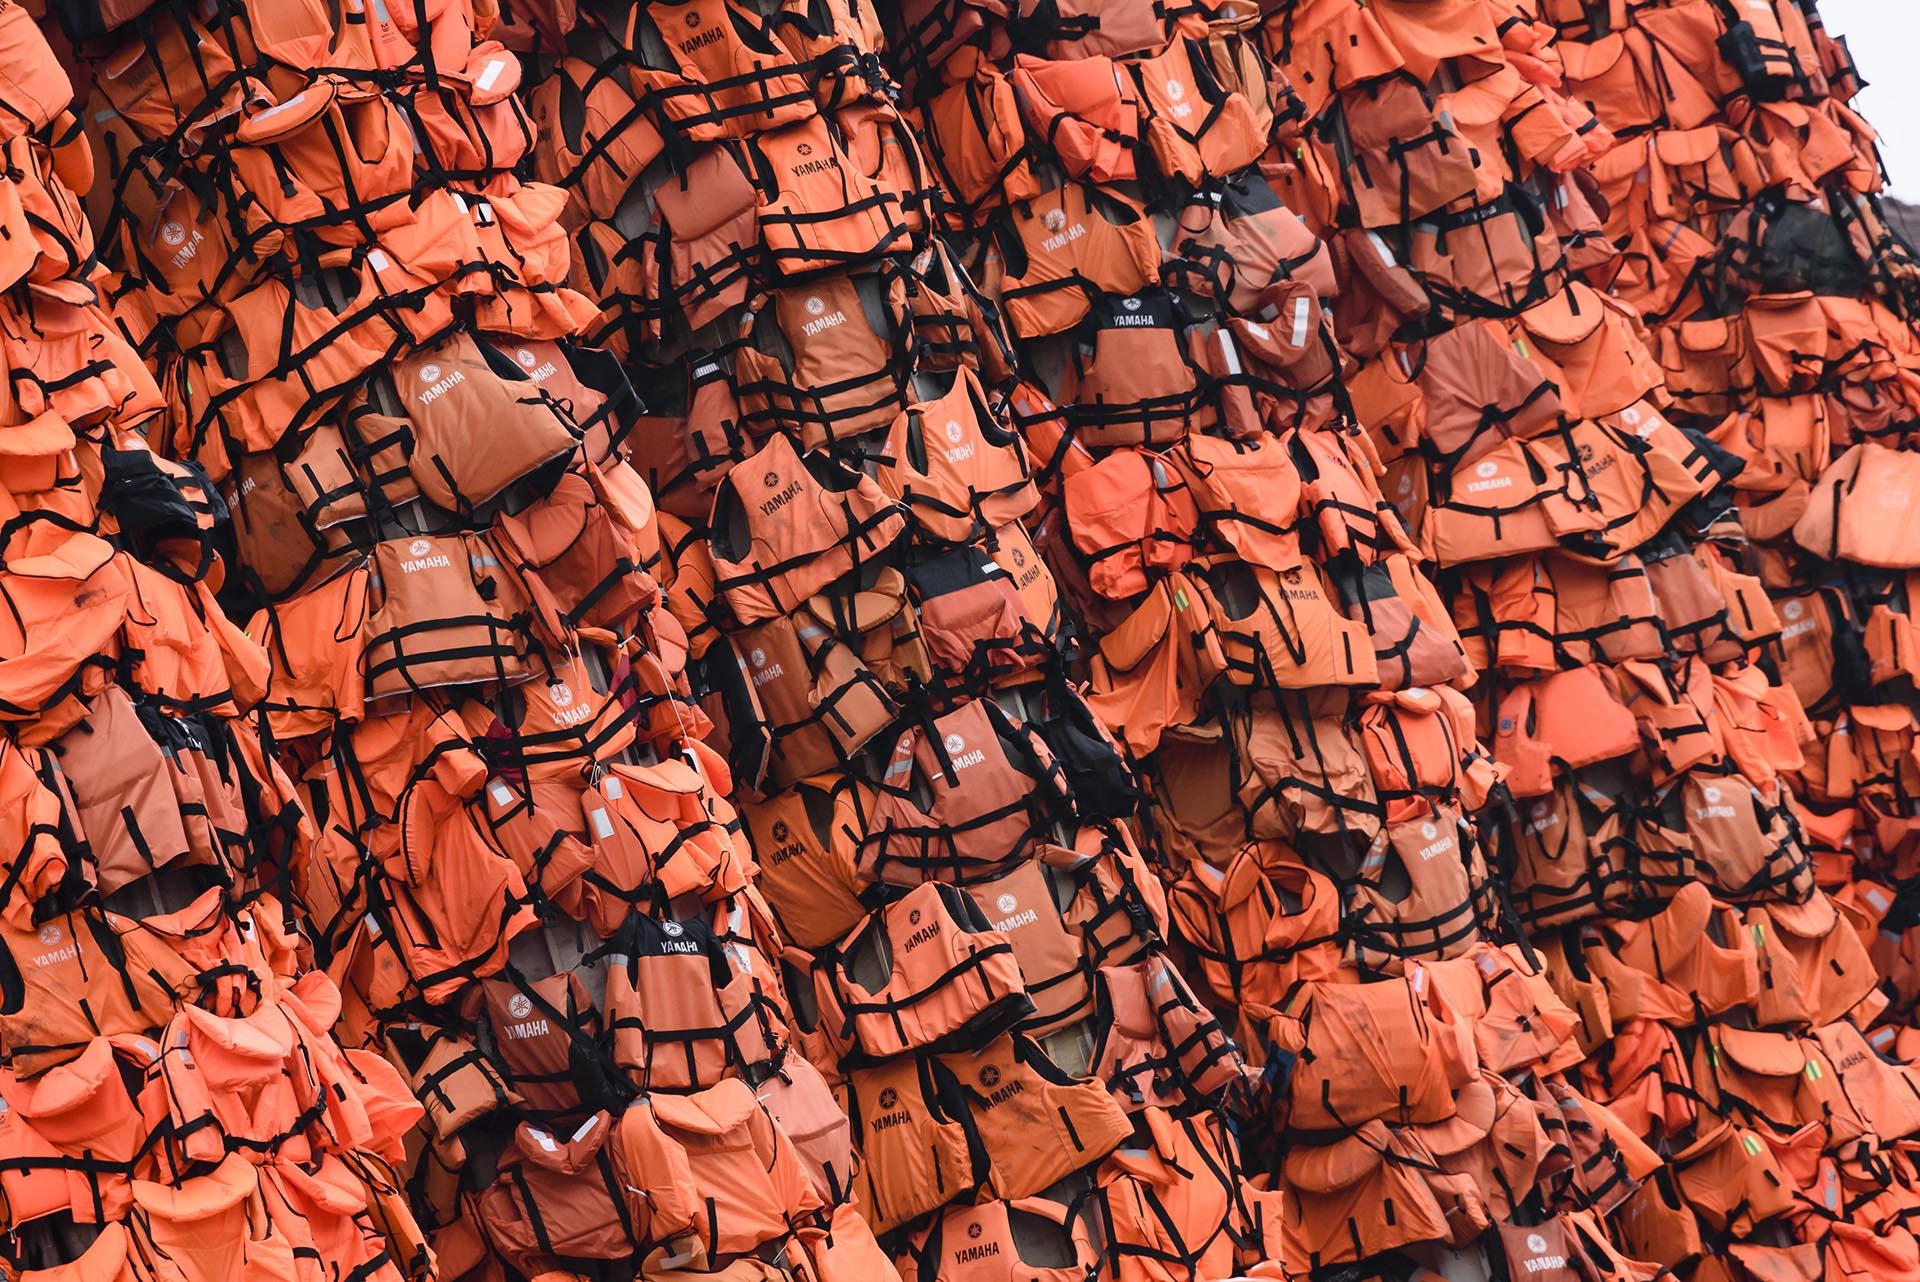 Una instalación de Ai Weiwei que exhibe chalecos salvavidas para refugiados, en Berlín. Los chalecos fueron abandonados por los refugiados que cruzaron desde el mar a Turquía o Grecia.. (Foto Clemens Bilan/Getty Images)